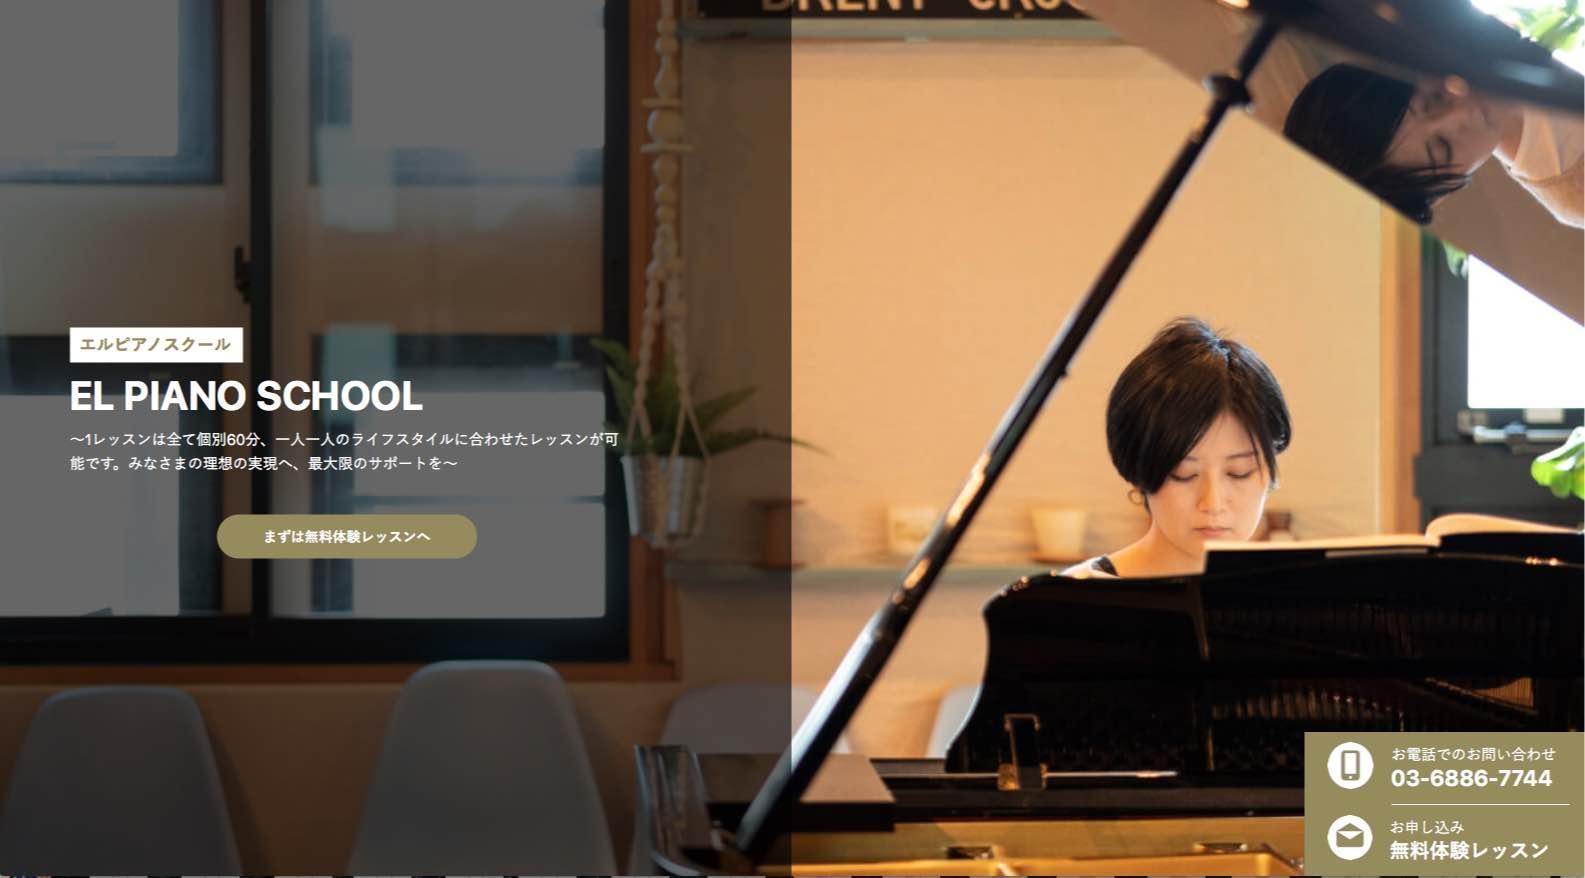 エルピアノスクール 品川ピアノ教室